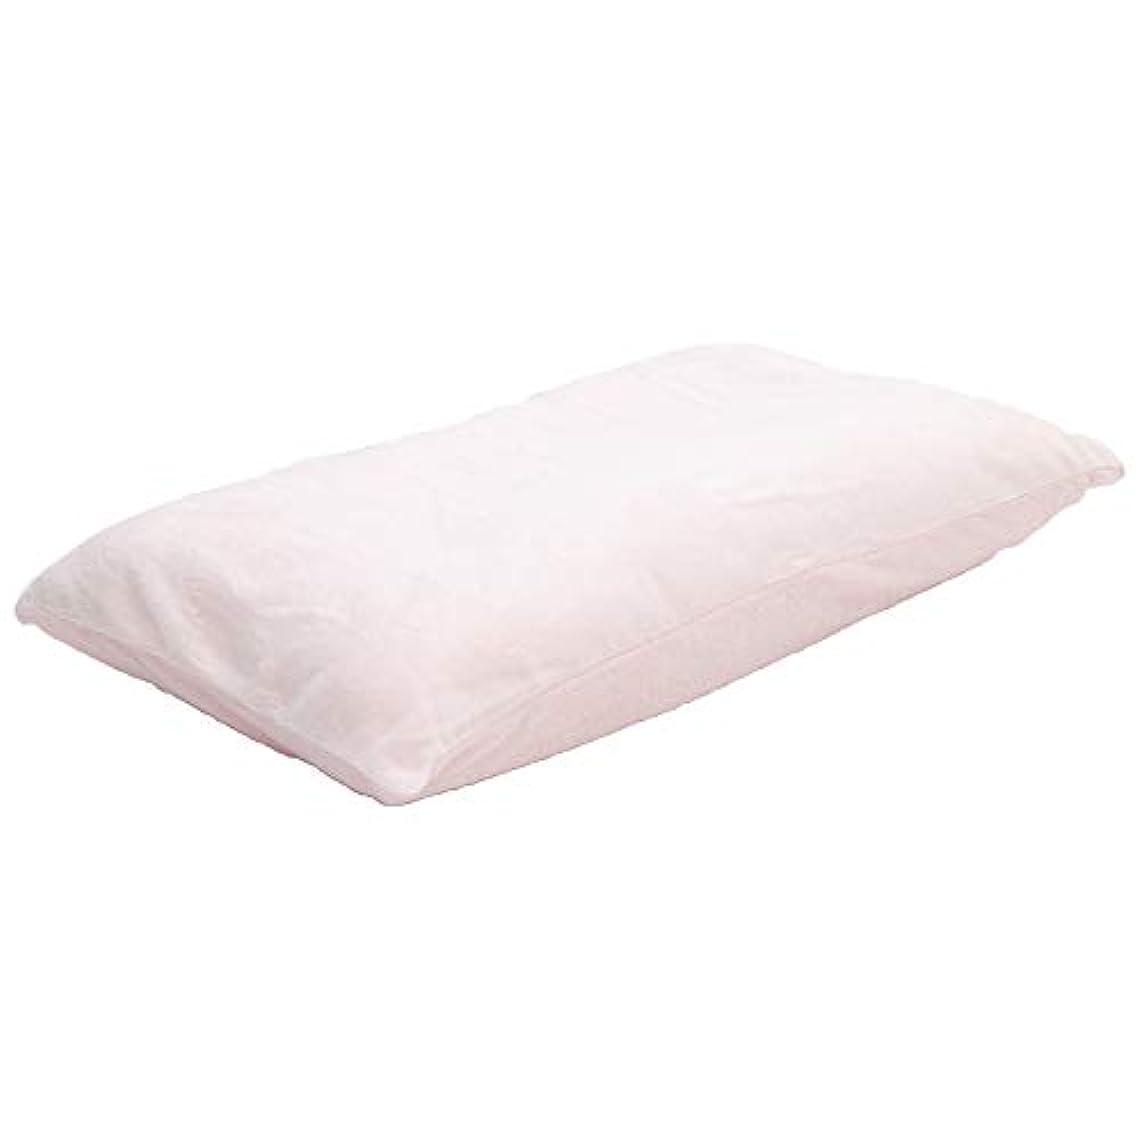 ビジタートランク代数的ゆったりリッチ 低反発チップリバーシブル枕 ワイドサイズ 専用洗えるカバー付き 2人で使える ロング 大きい 夫婦 ファミリー 抱き枕 ゆったり 40X70cm PK